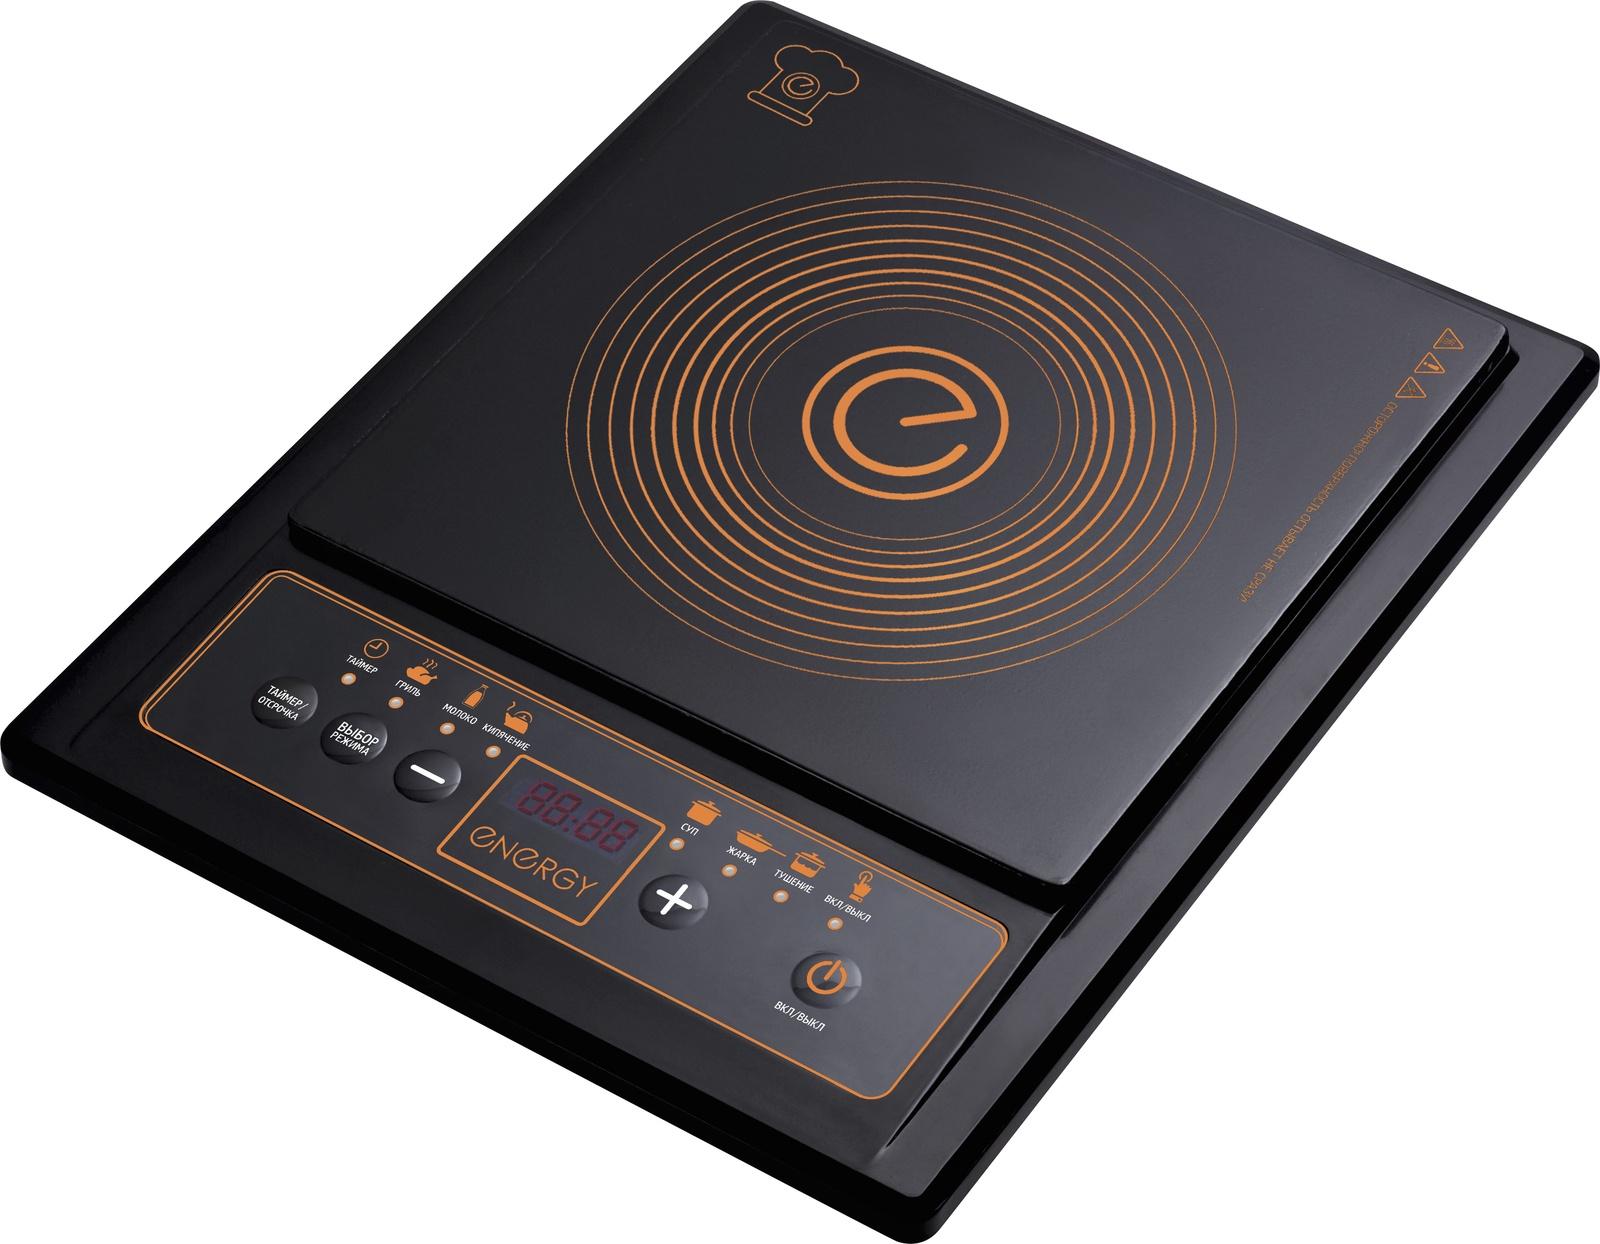 цена Настольная плита ENERGY EN-919, 54 159768, черный в интернет-магазинах